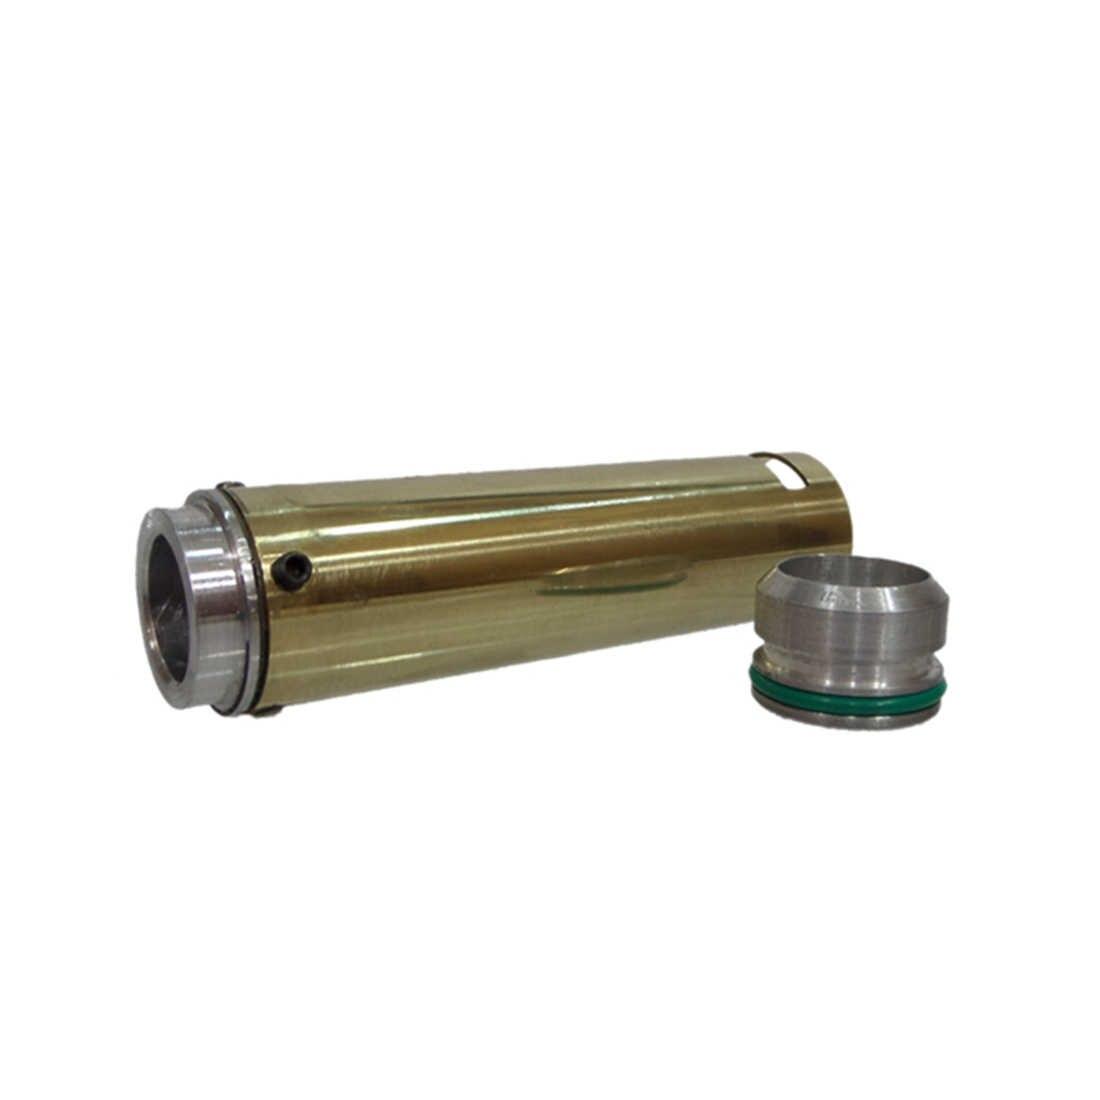 Metalen Geen Staart Pomp en Zuiger voor Nerf Retaliator